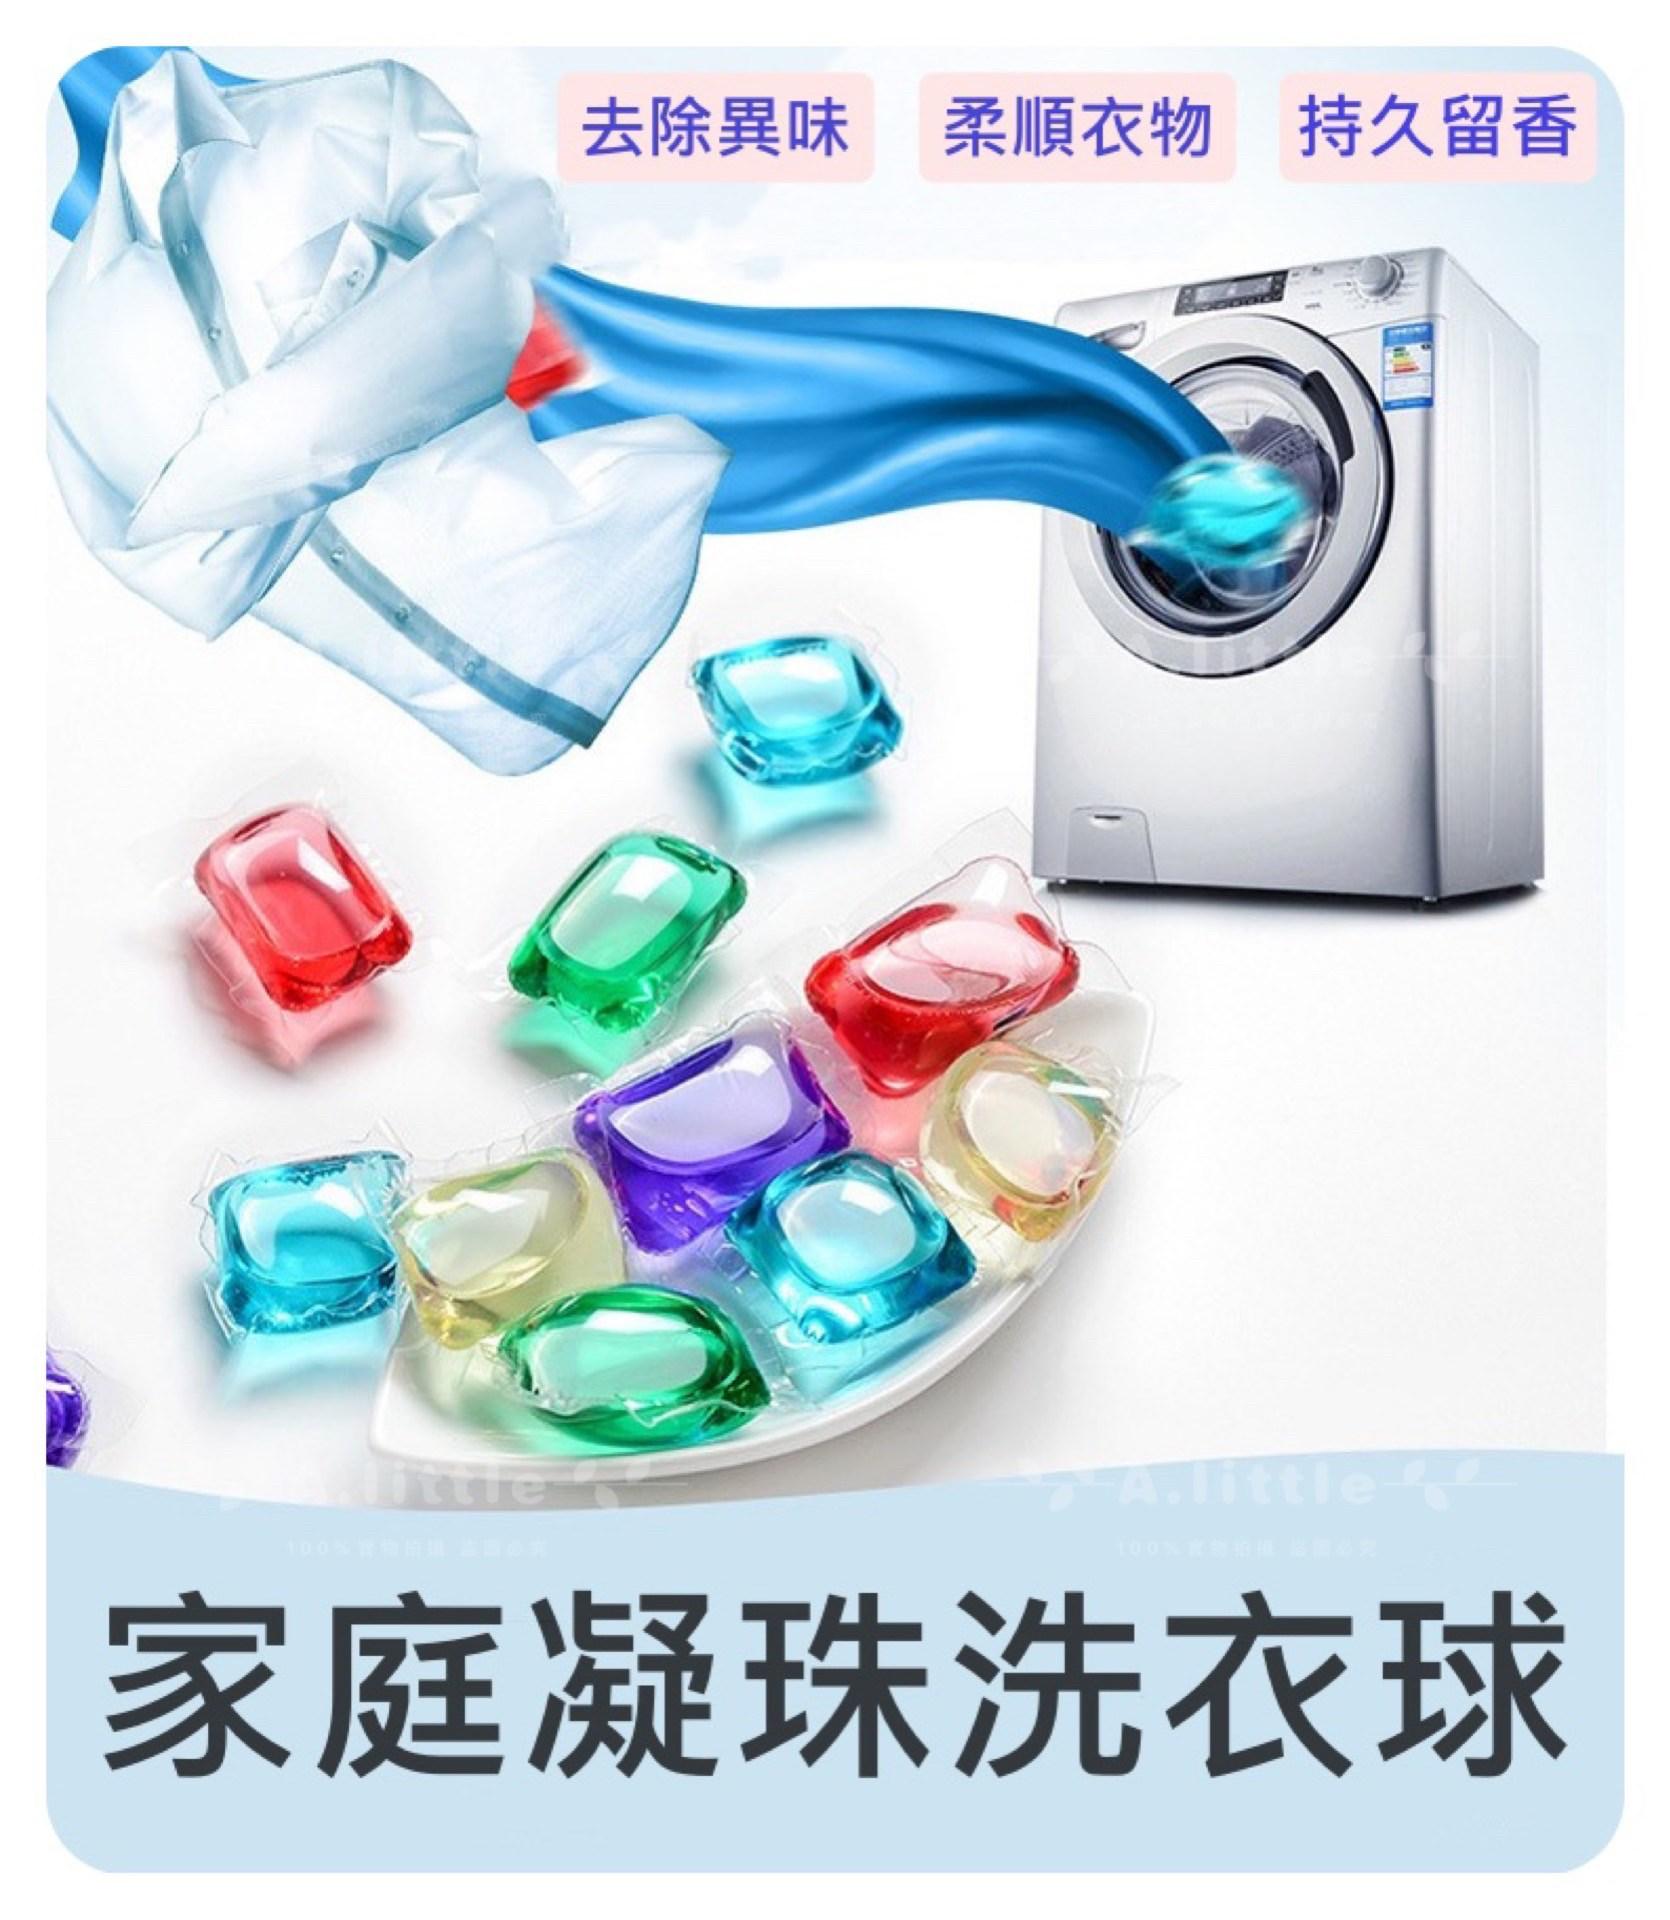 日本水溶膜技術 3D洗衣球  濃縮洗衣凝珠 洗衣粉 洗衣精 洗衣膠囊